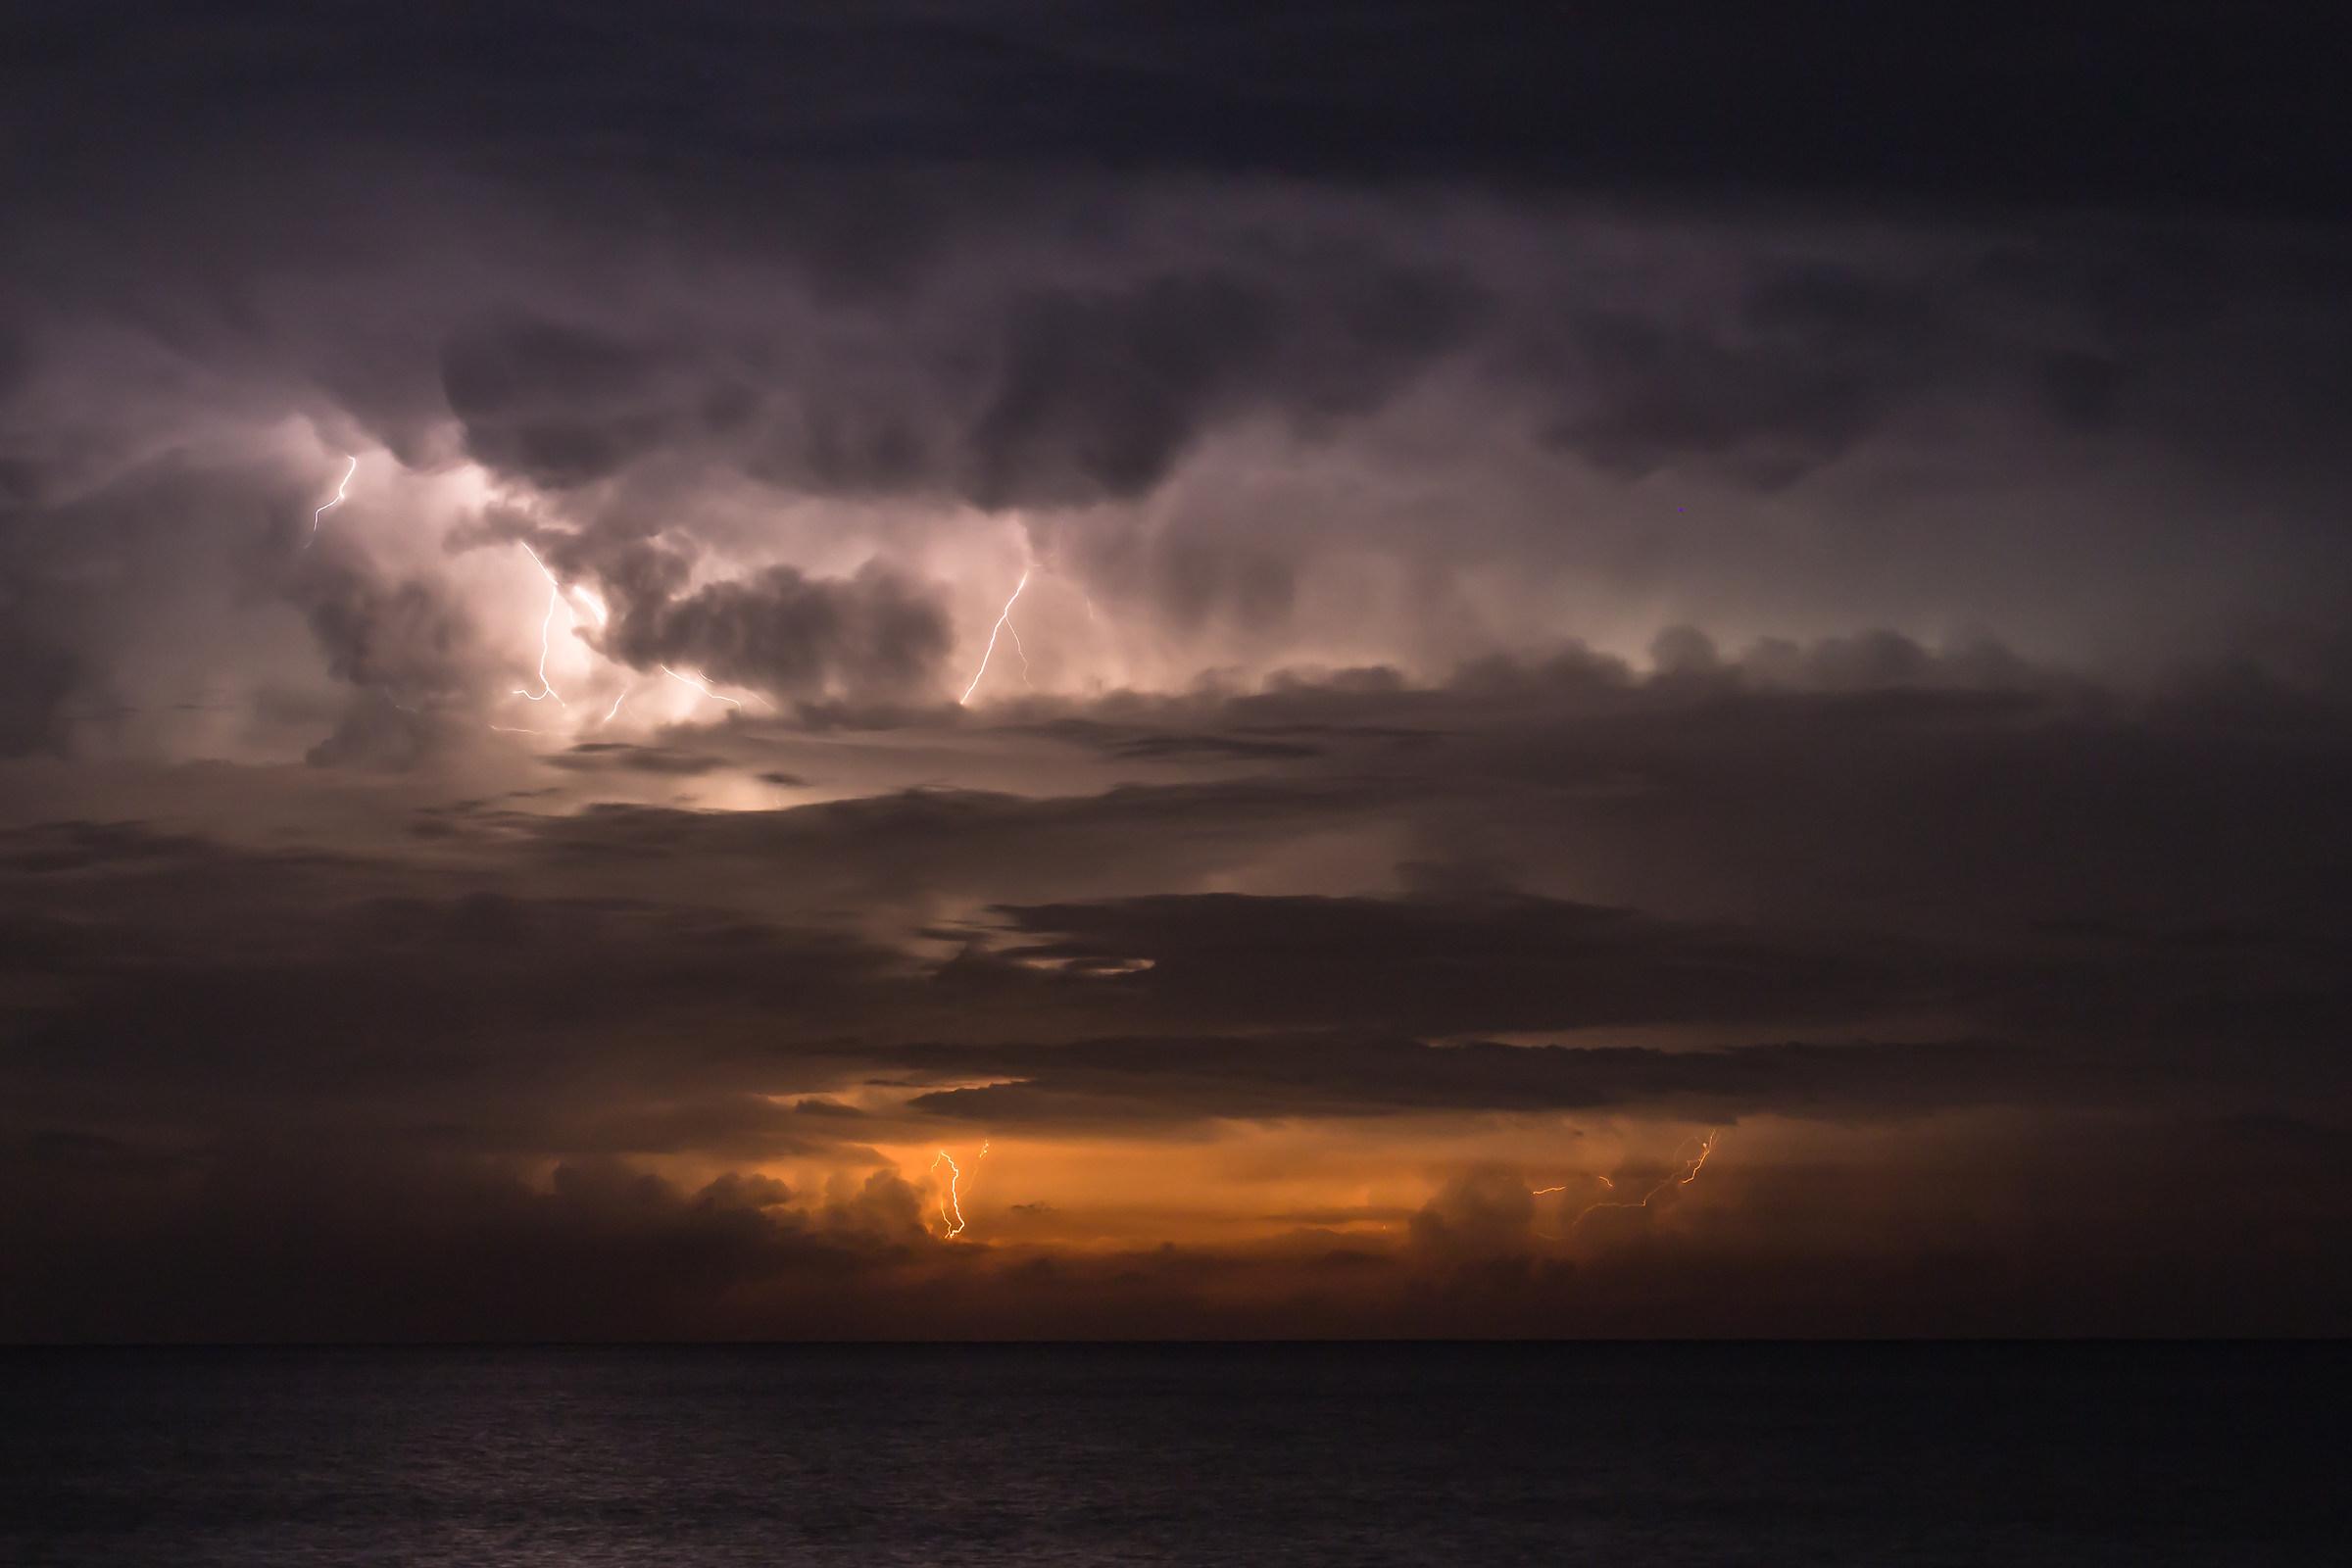 Feel the thunder...